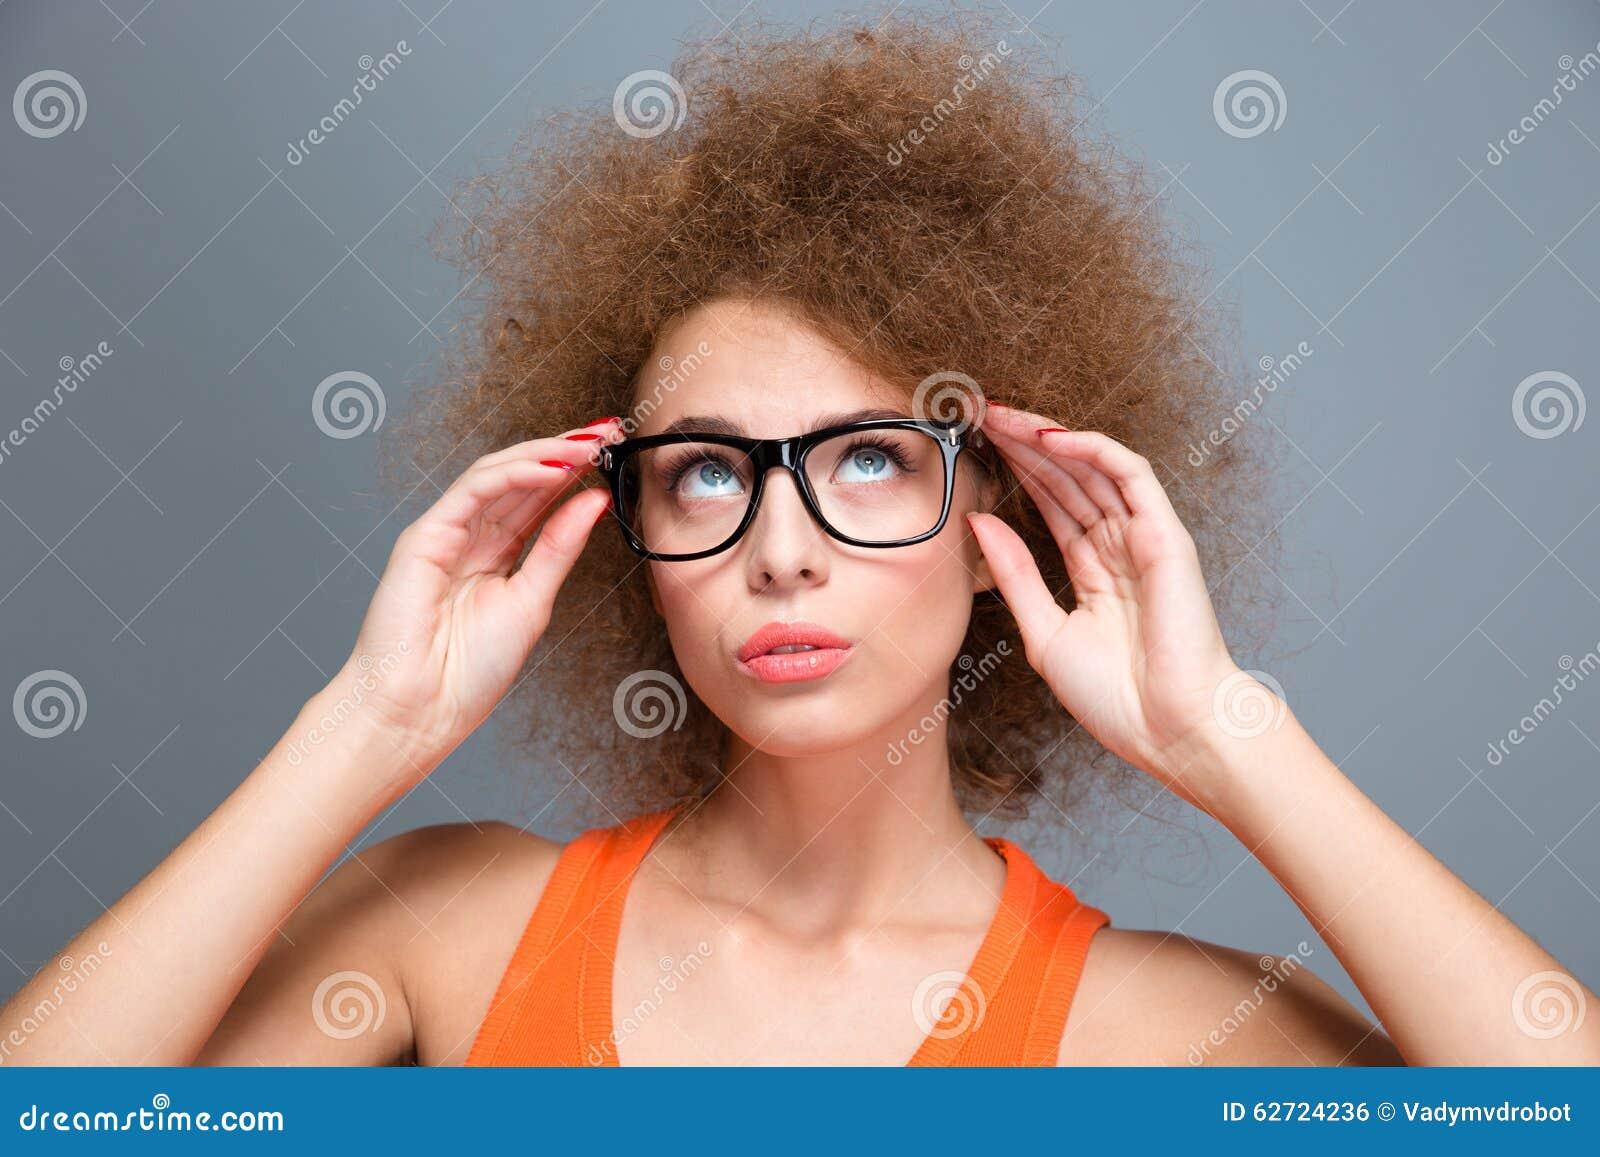 Συγκεντρωμένη νέα σγουρή γυναίκα στα μαύρα γυαλιά που ανατρέχει